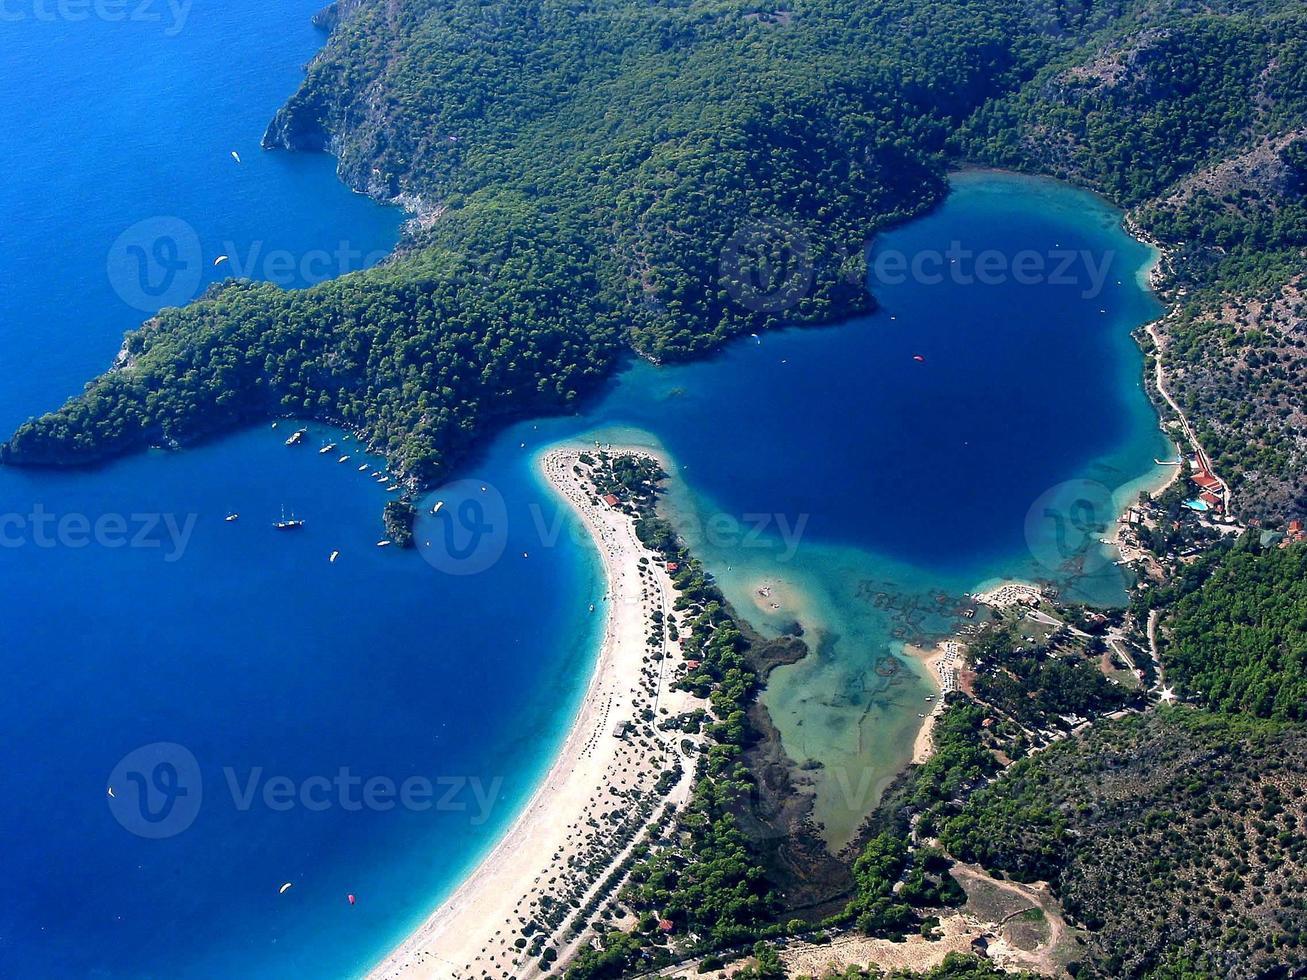 Olu Deniz Belcekiz Beach, Turquie photo